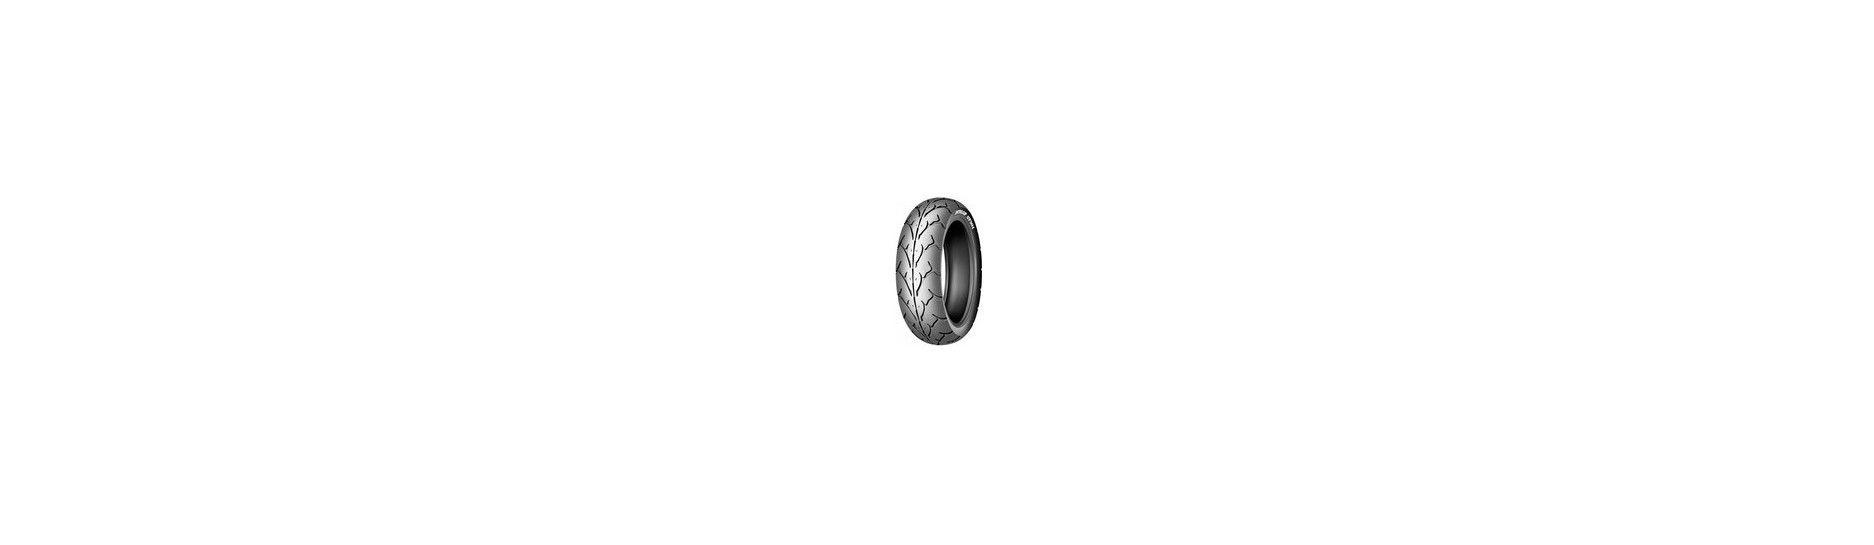 14-ti palcové pneumatiky